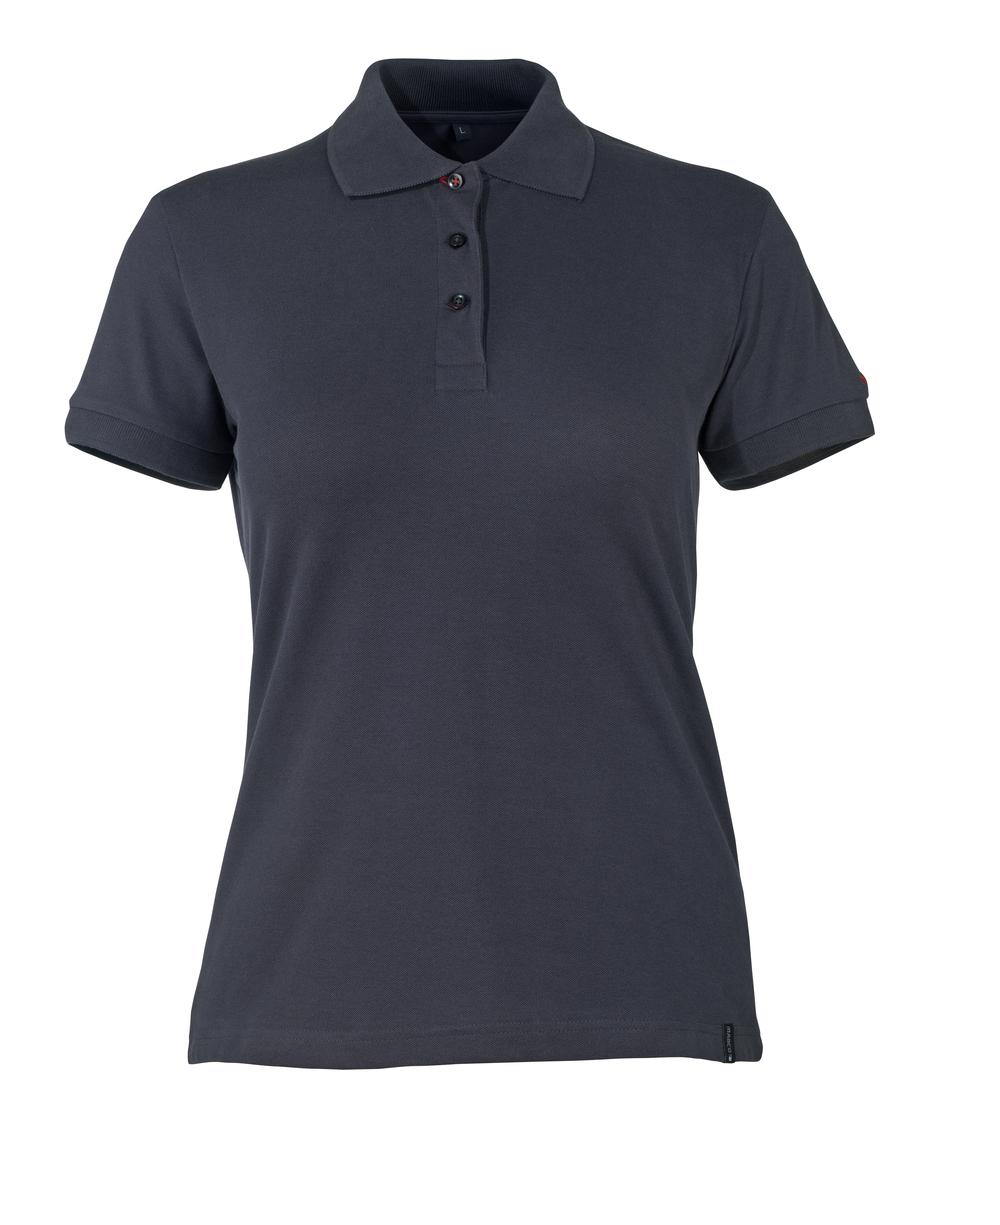 50363-861-010 Polo - azul marino oscuro